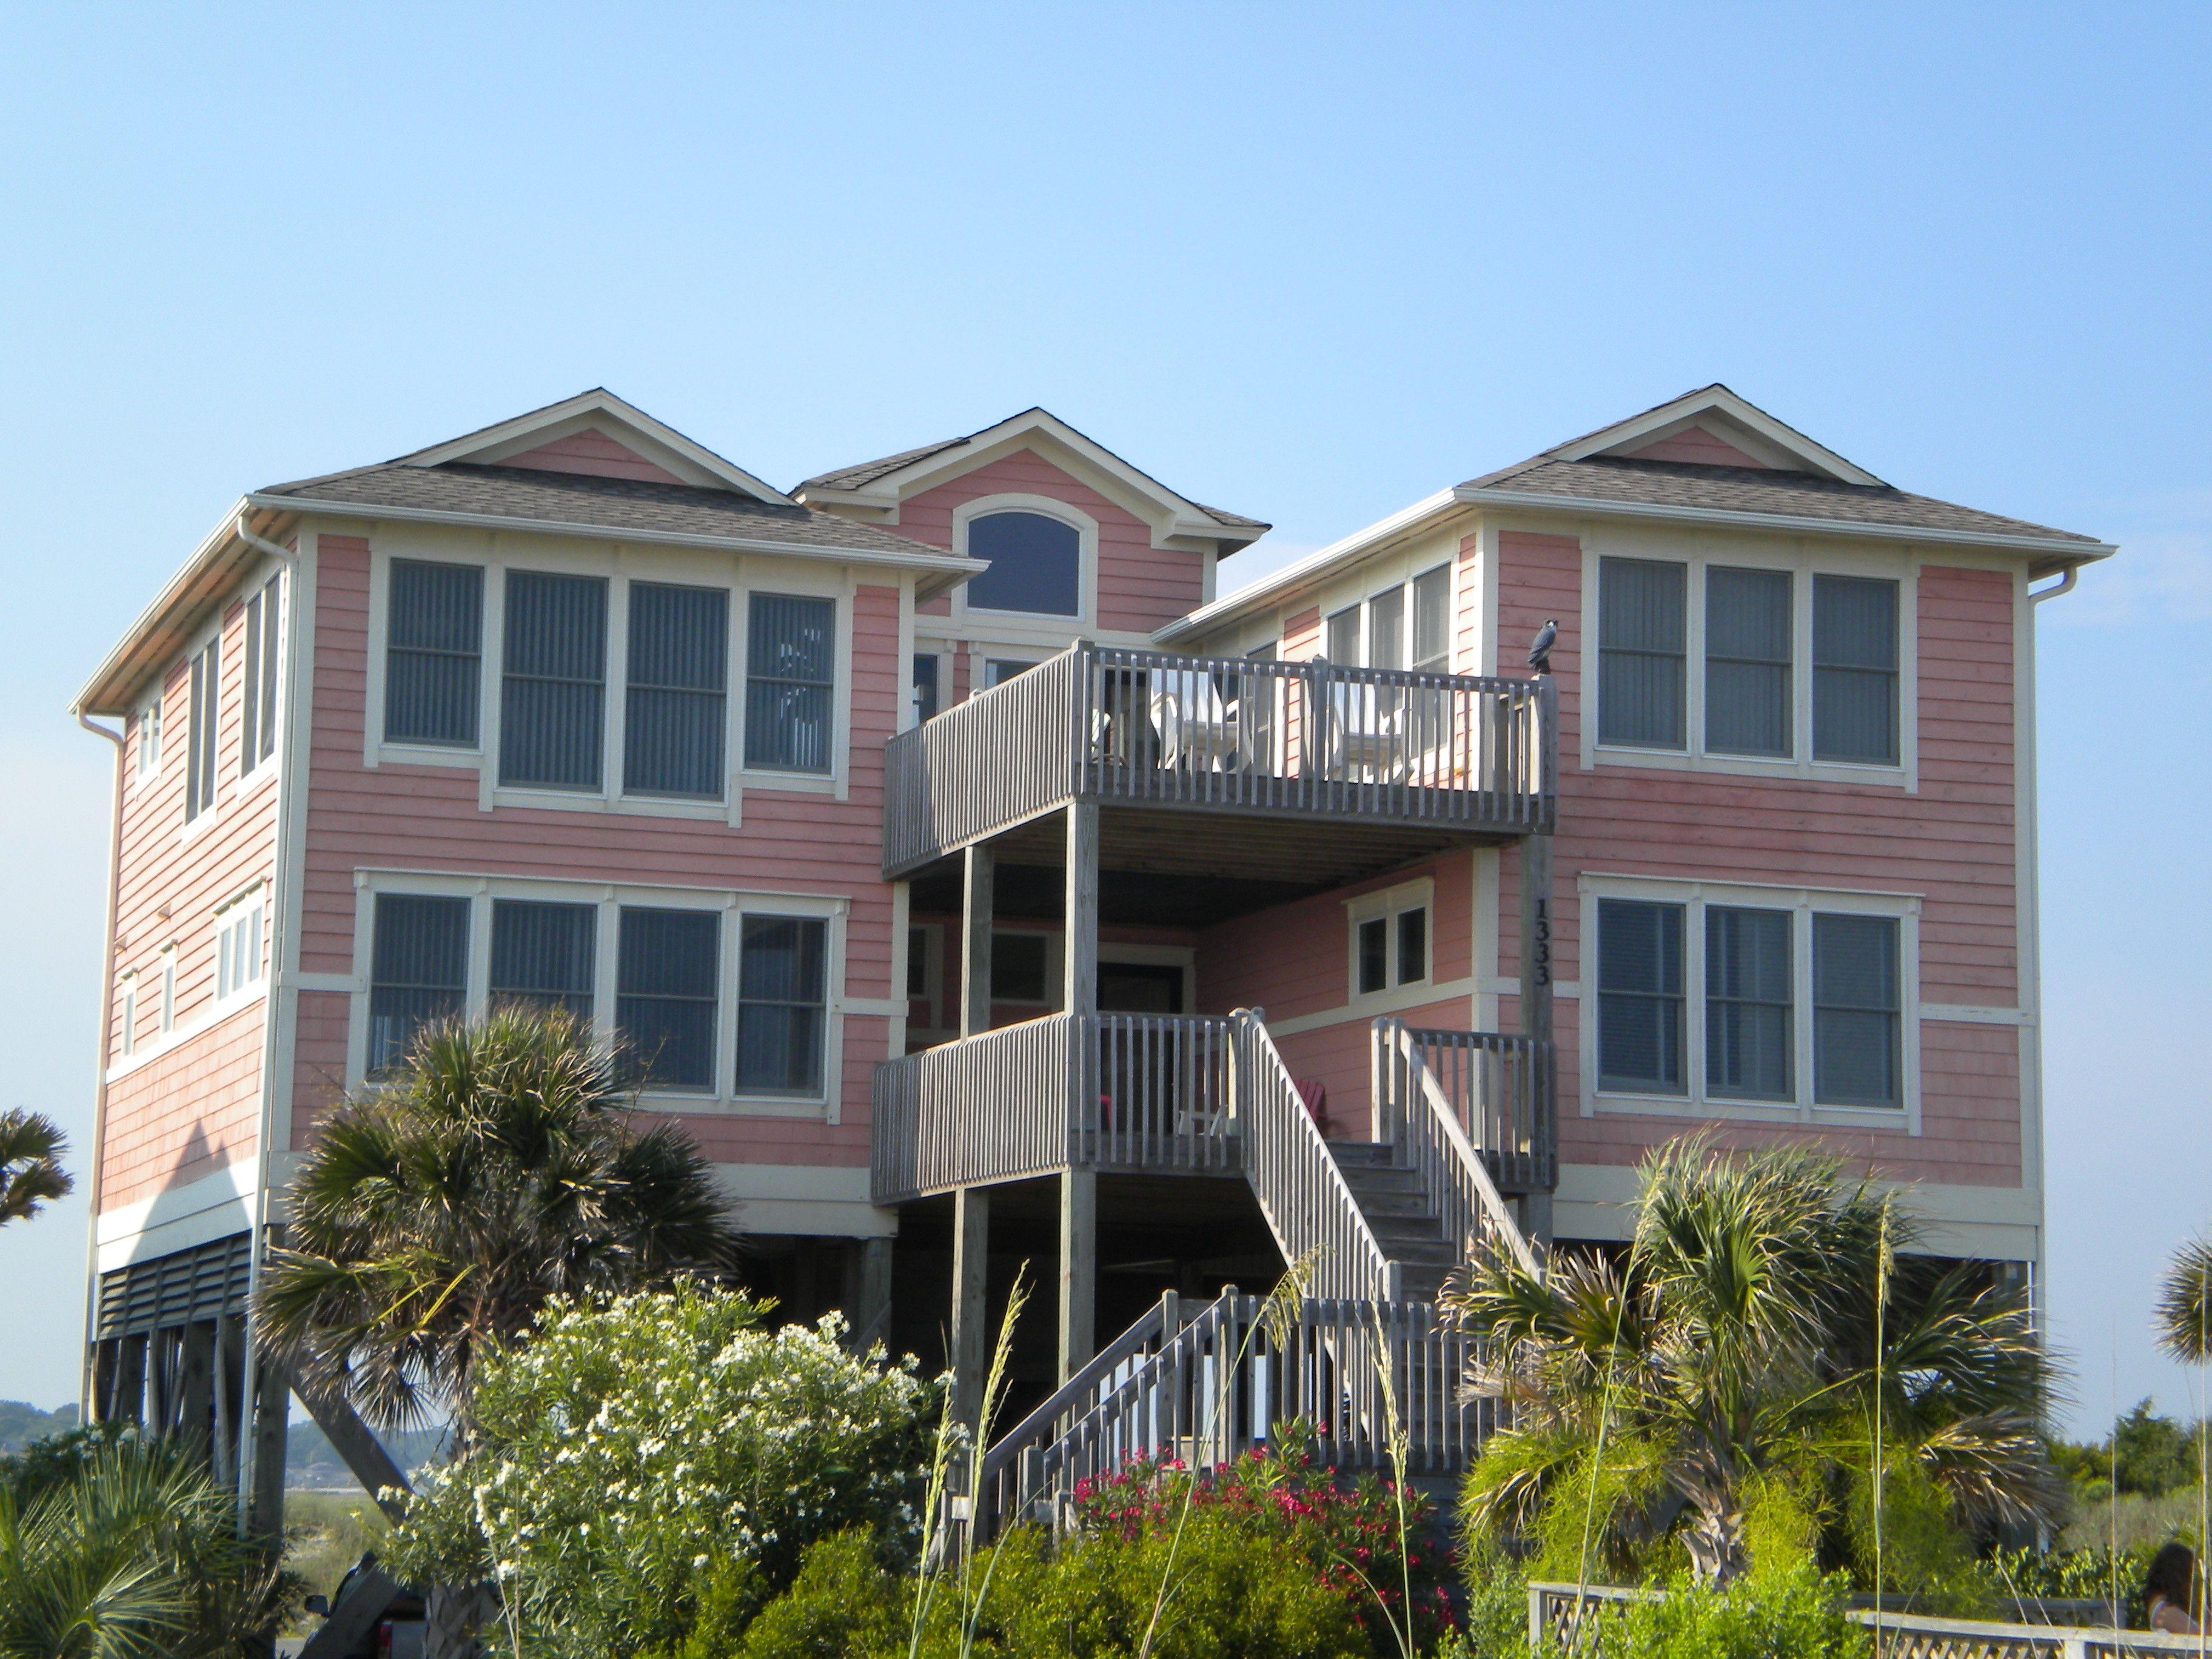 Flamingo Holden Beach Nc Holden Beach Holden Beach Nc House Styles